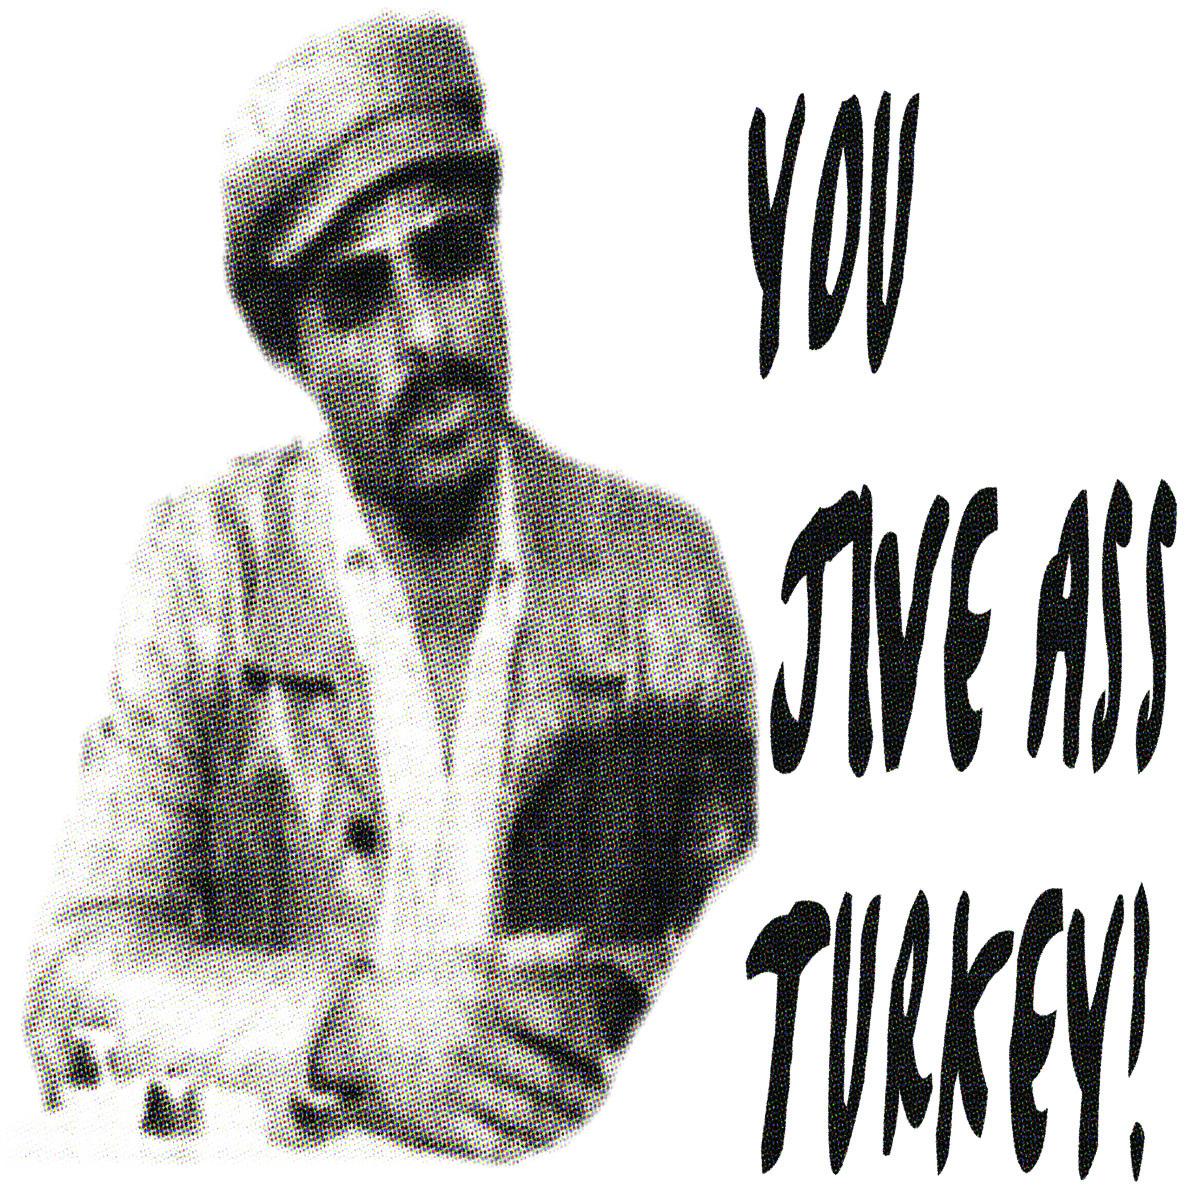 Jive ass turkey, young teen iny sex